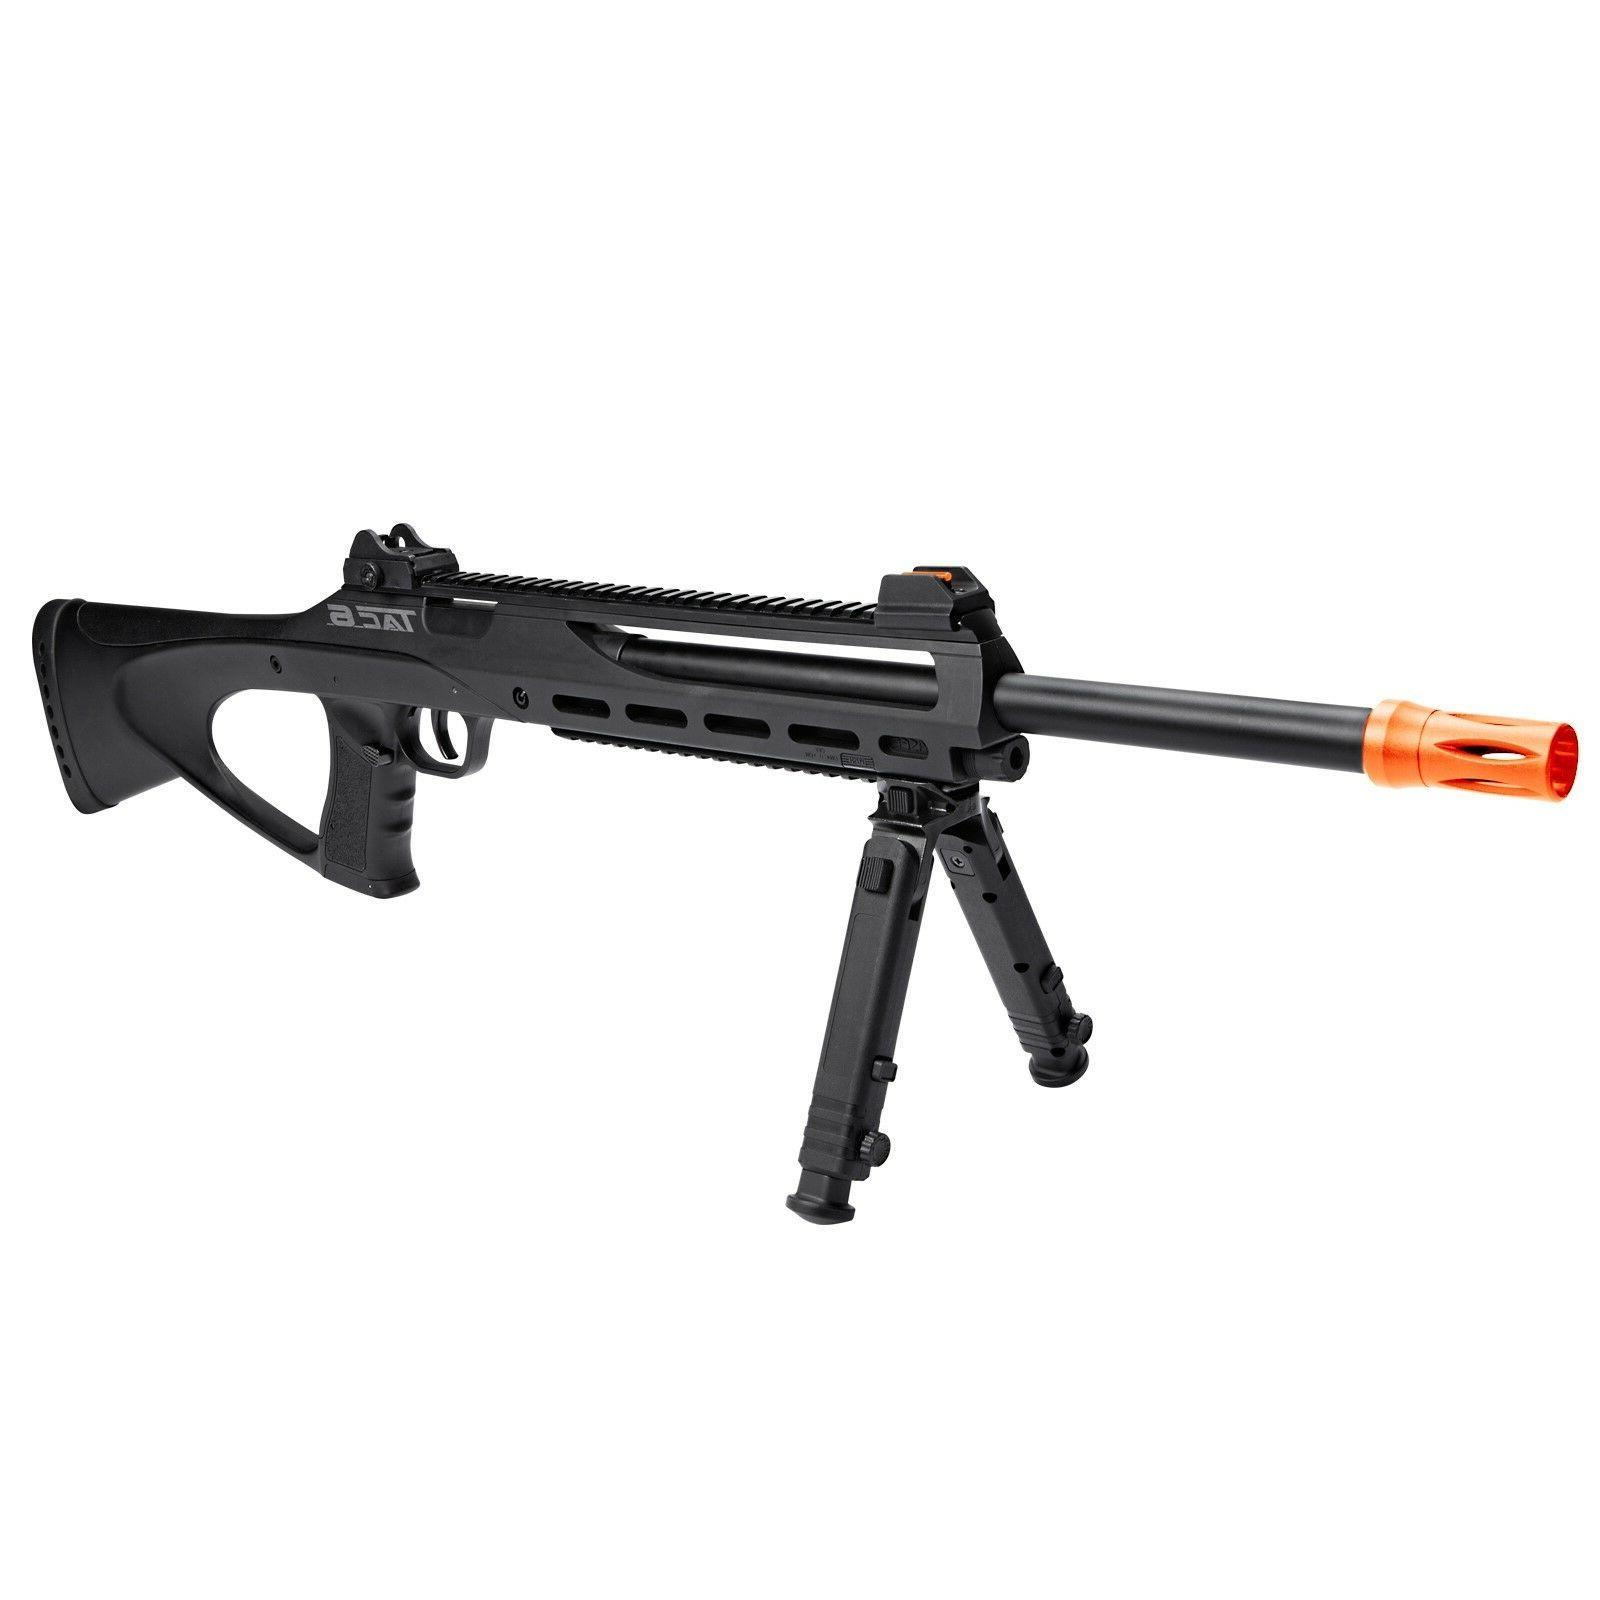 ASG CO2 Gas Non Blowback Tac 6 Semi-Auto Airsoft Sniper Rifl